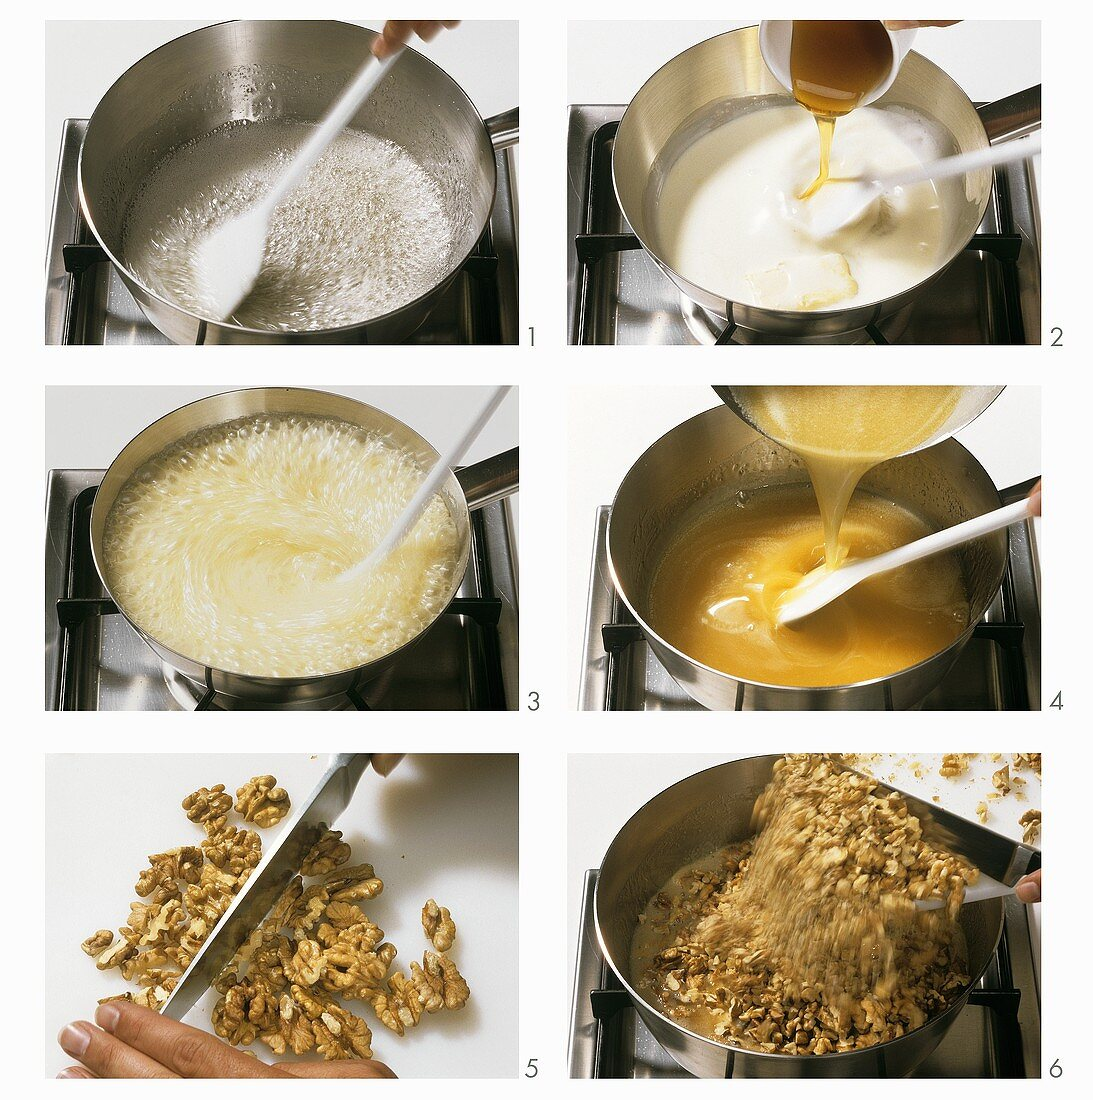 Making Engadine nut cake (part 1)